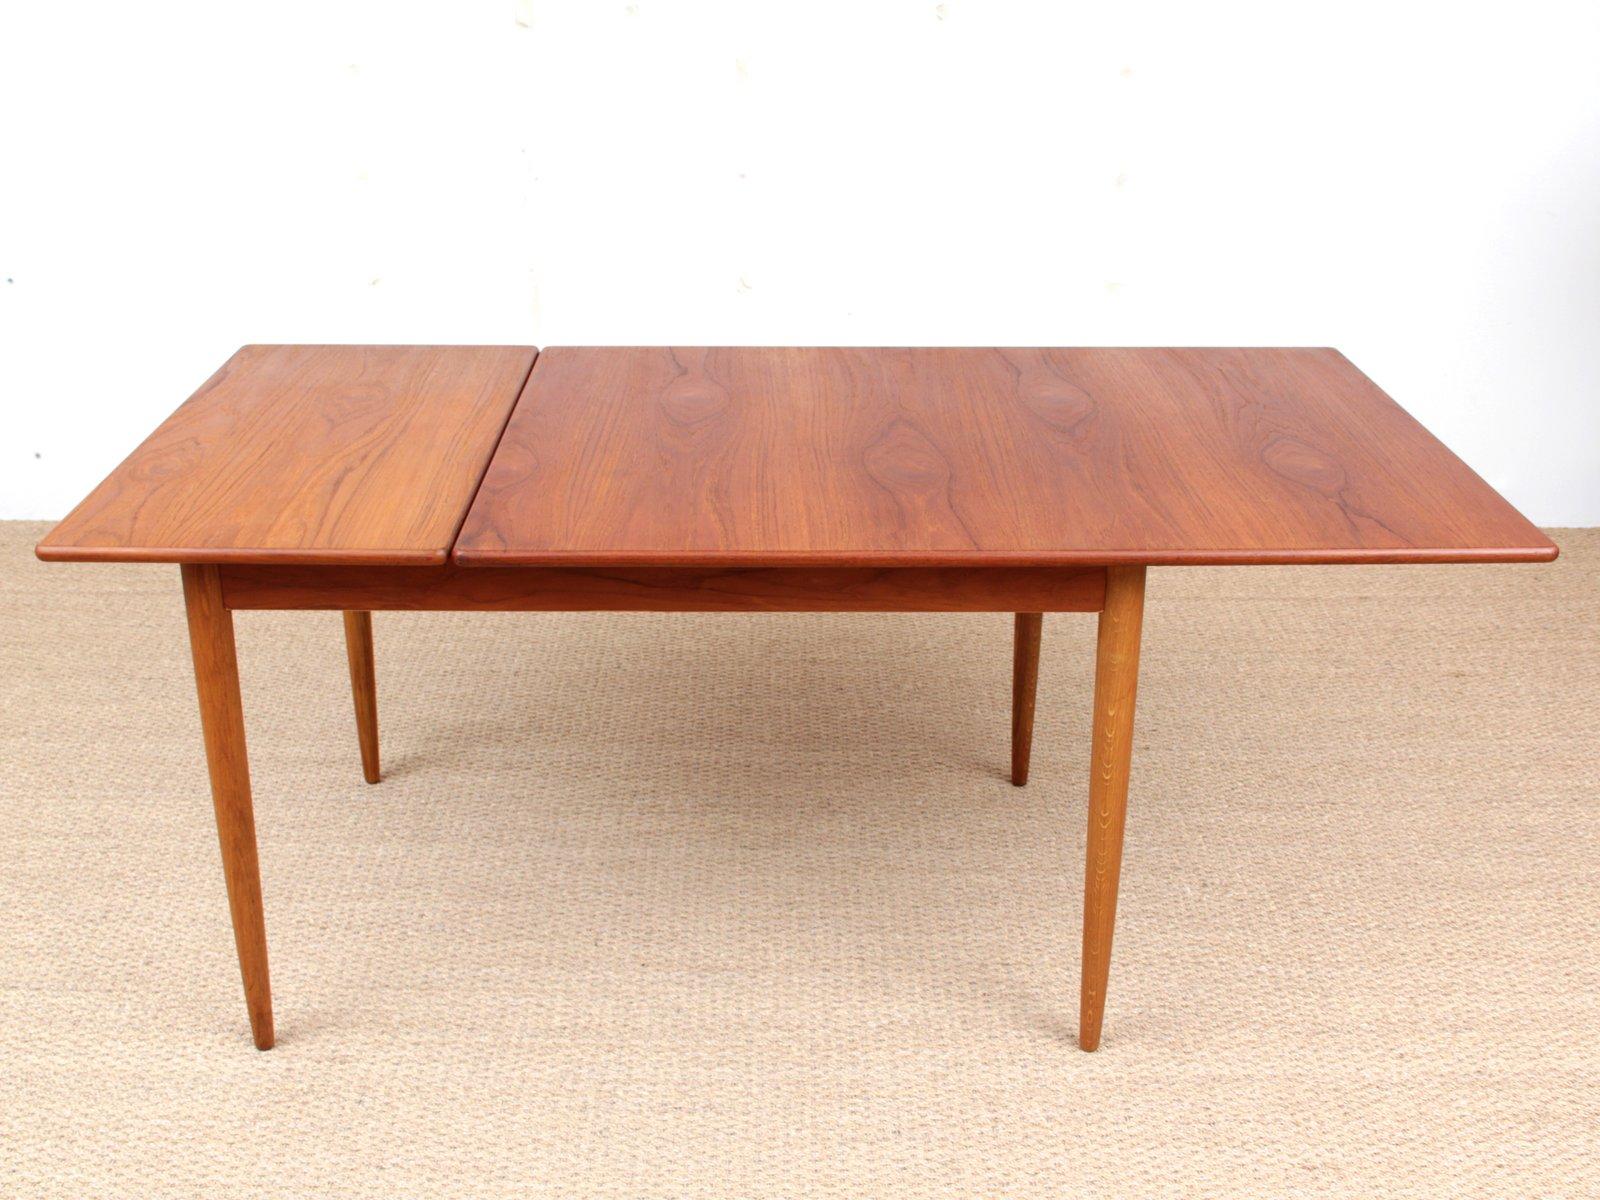 table de salle manger scandinave par yngve ekstr m pour hugo troeds 1950s en vente sur pamono. Black Bedroom Furniture Sets. Home Design Ideas